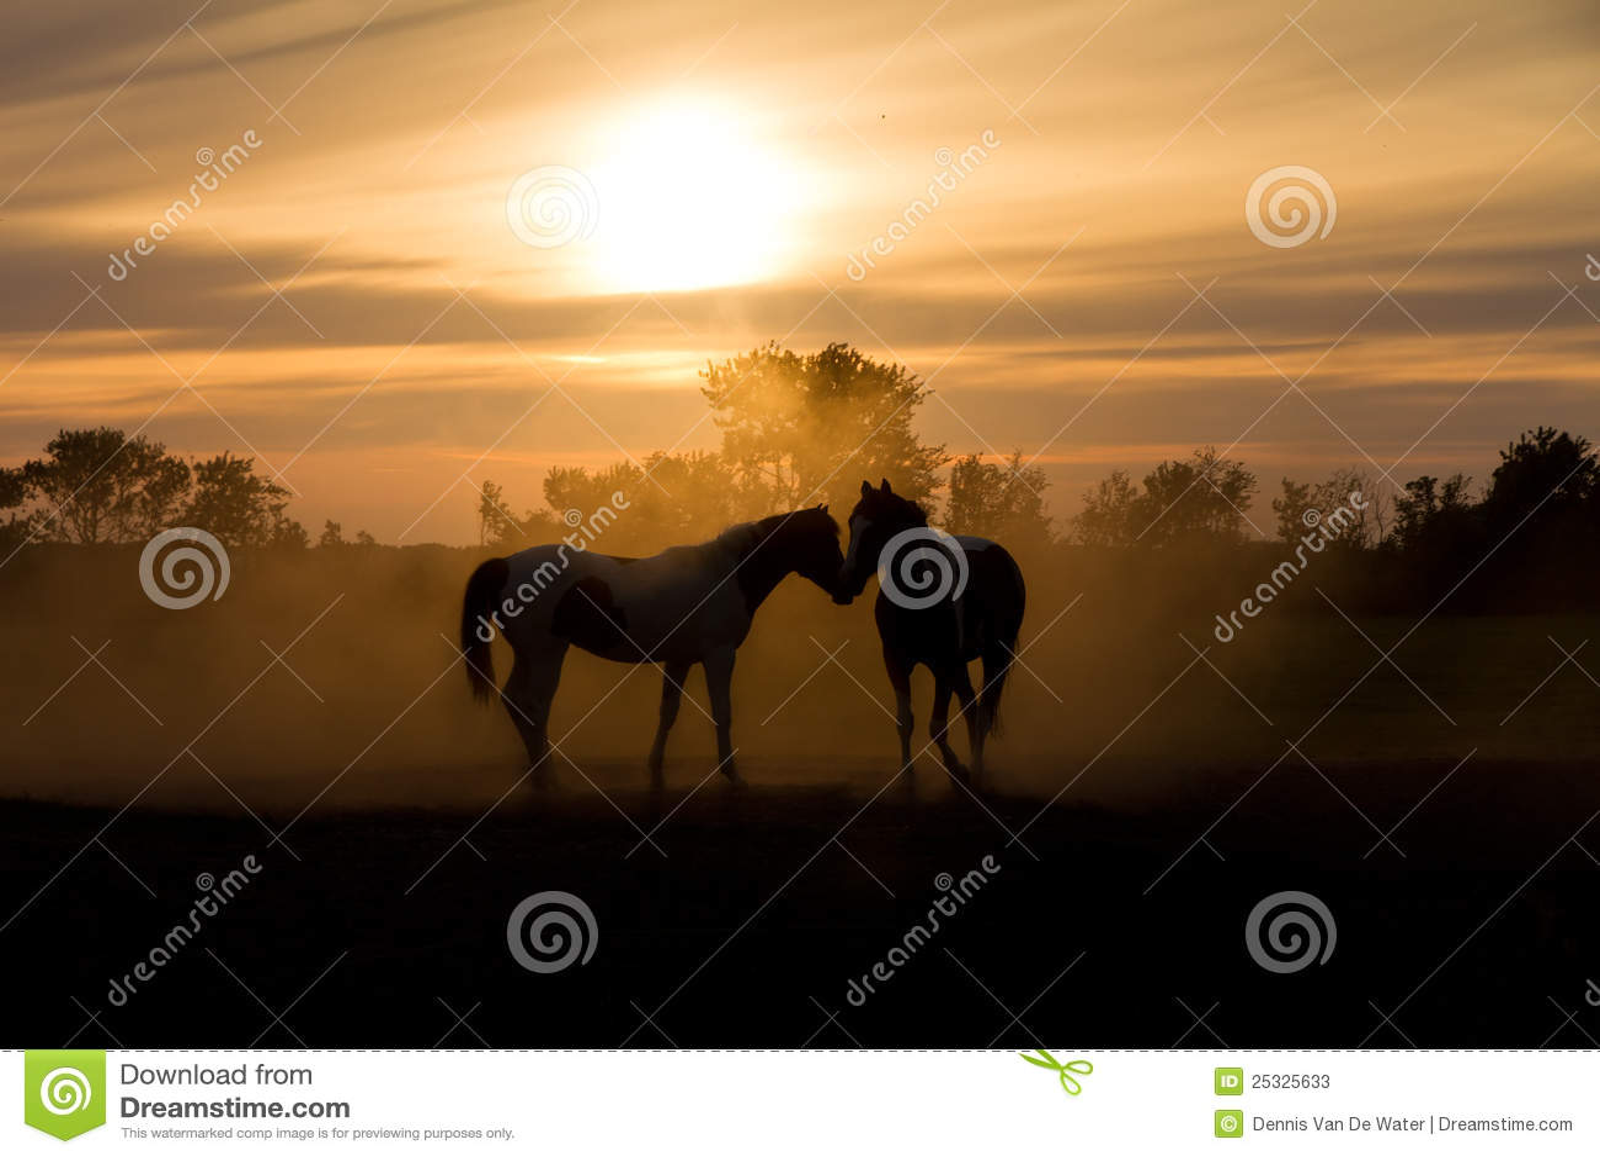 Houd van paarden